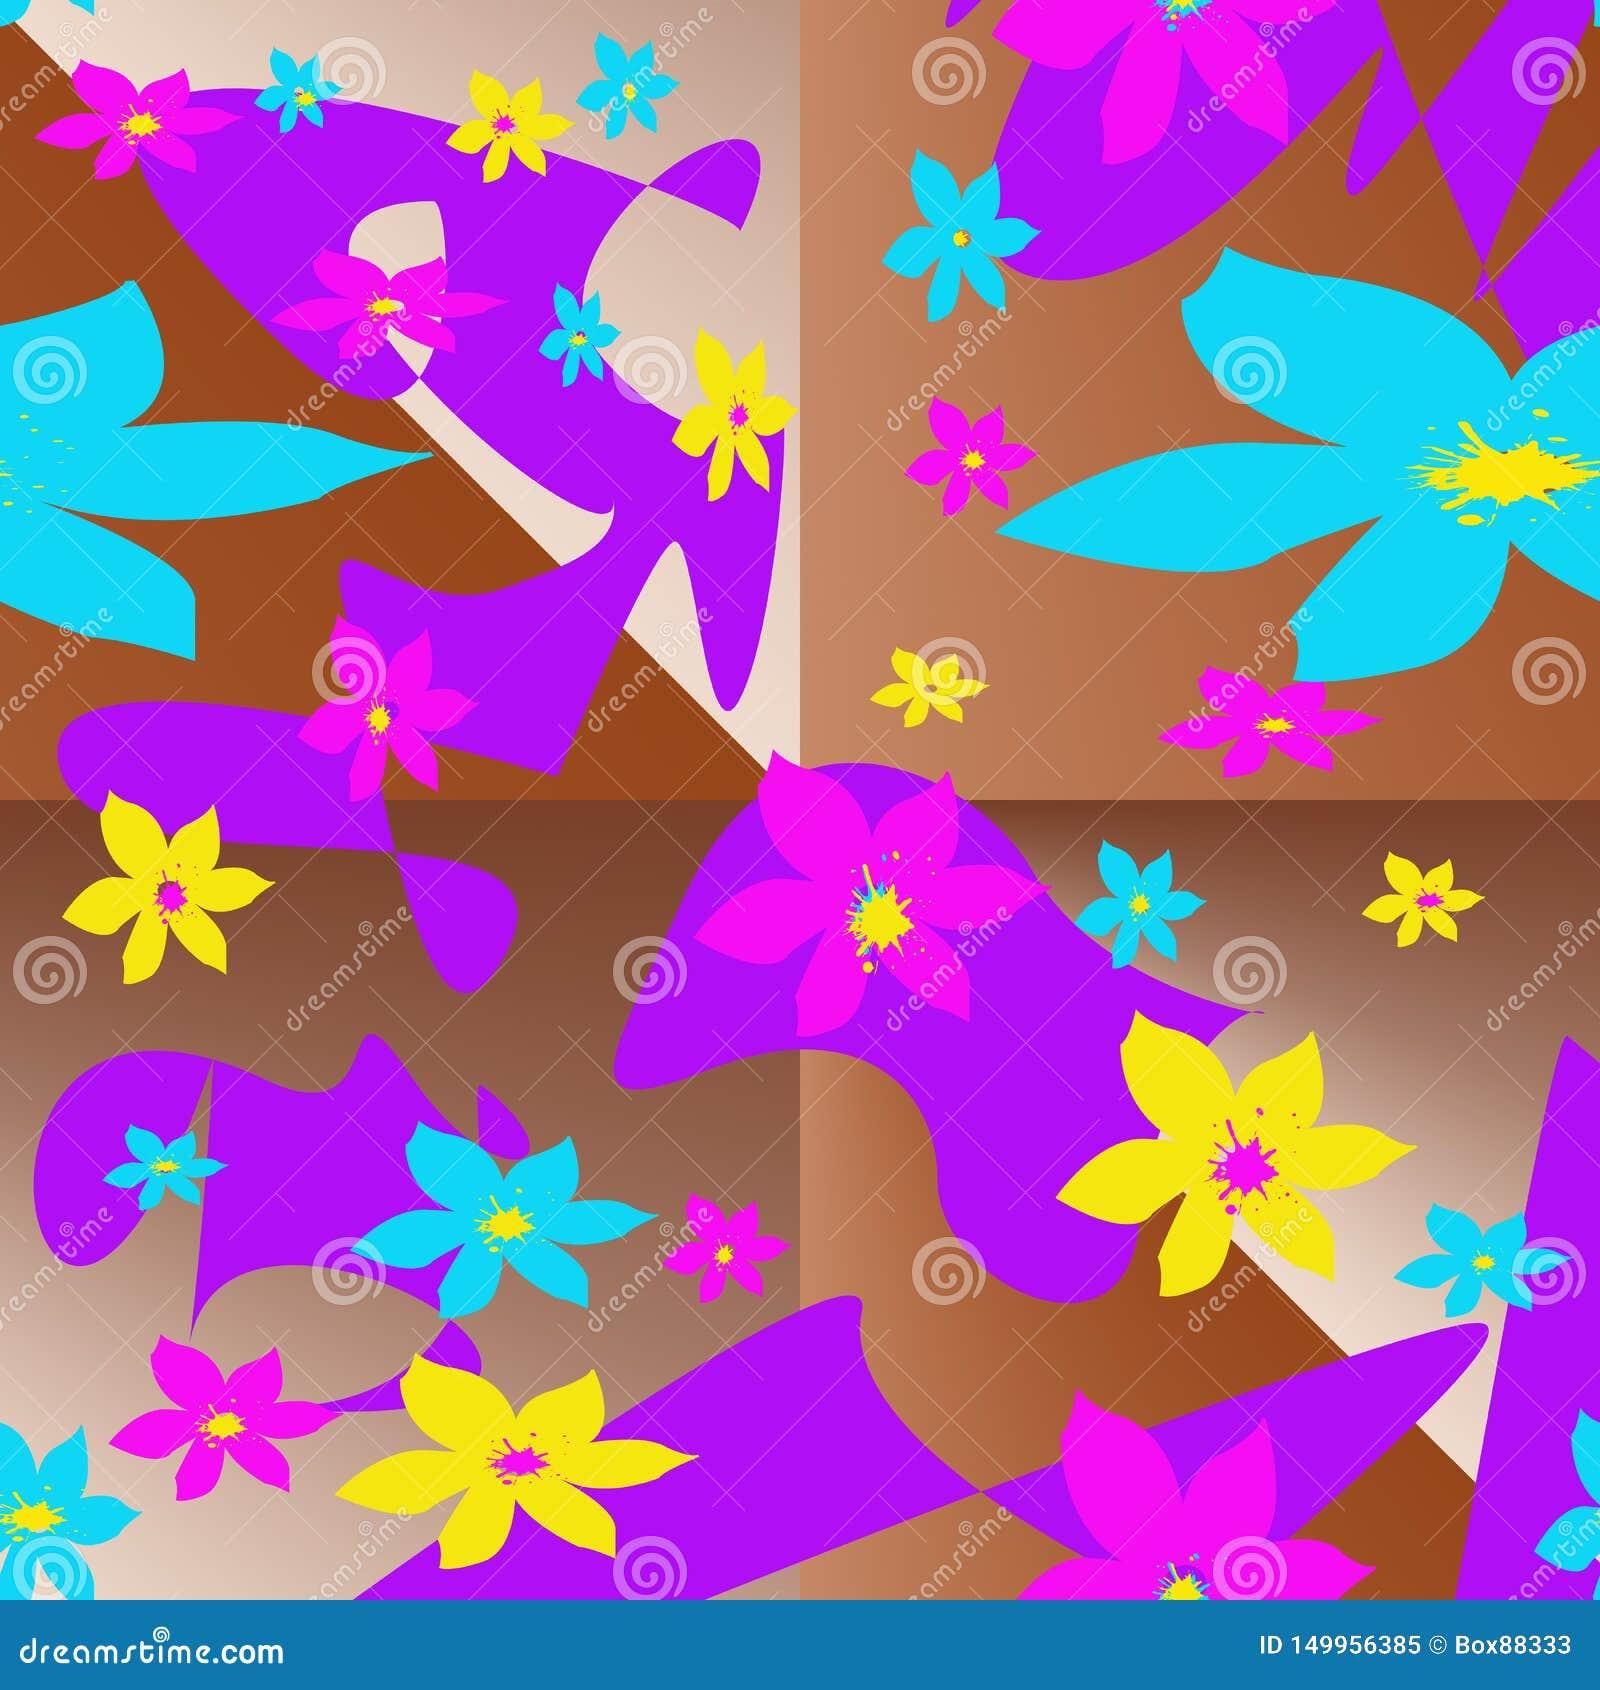 Naadloos patroon met multi-colored elementen in de vorm van gestileerde bloemen en abstracte vlekken